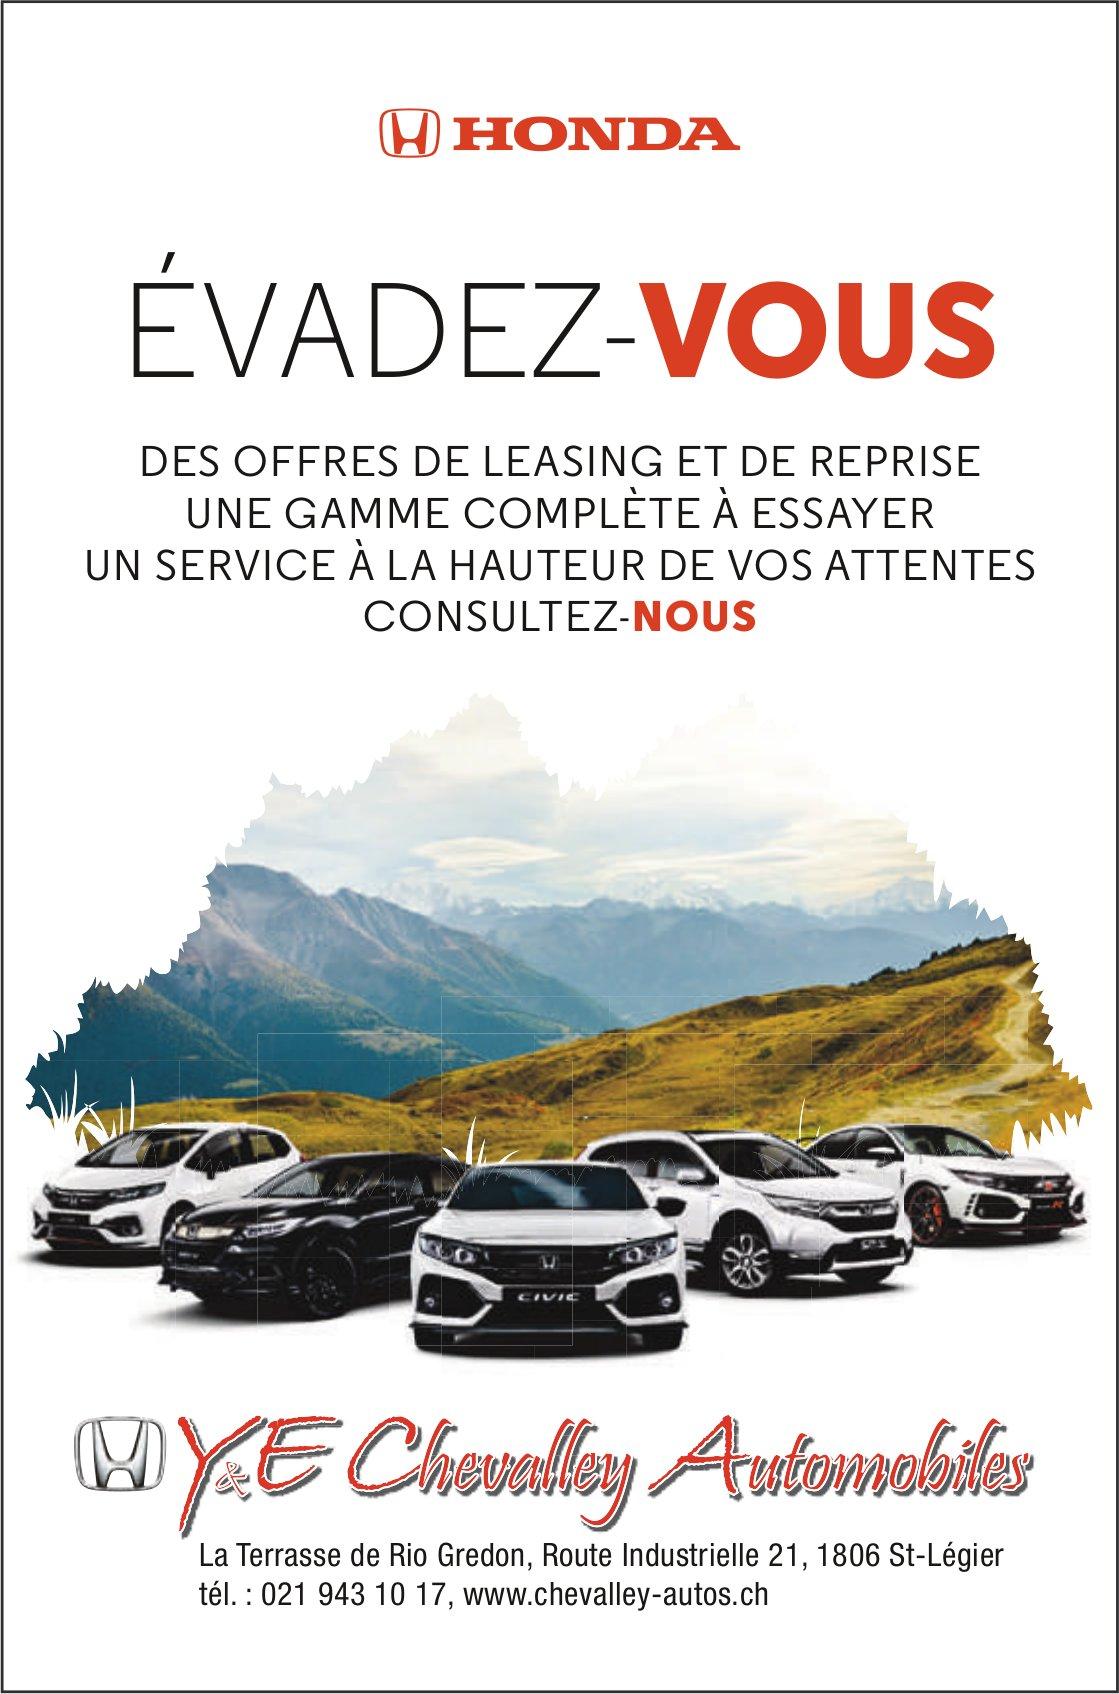 Y&E Chavalley Automobiles, St-Légier, Évadez-vous des offres de leasing et reprise